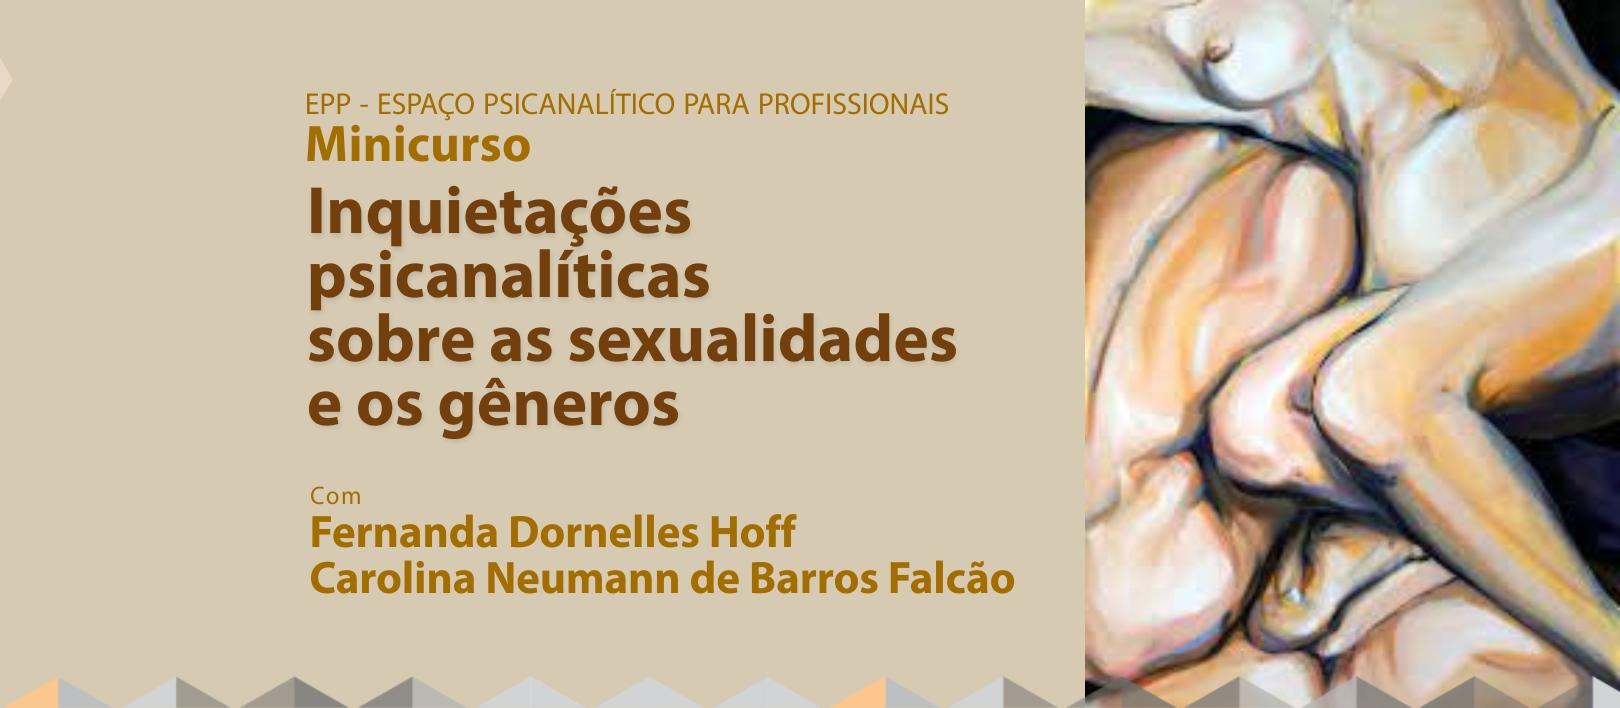 Inquietações psicanalíticas sobre as sexualidades e os gêneros